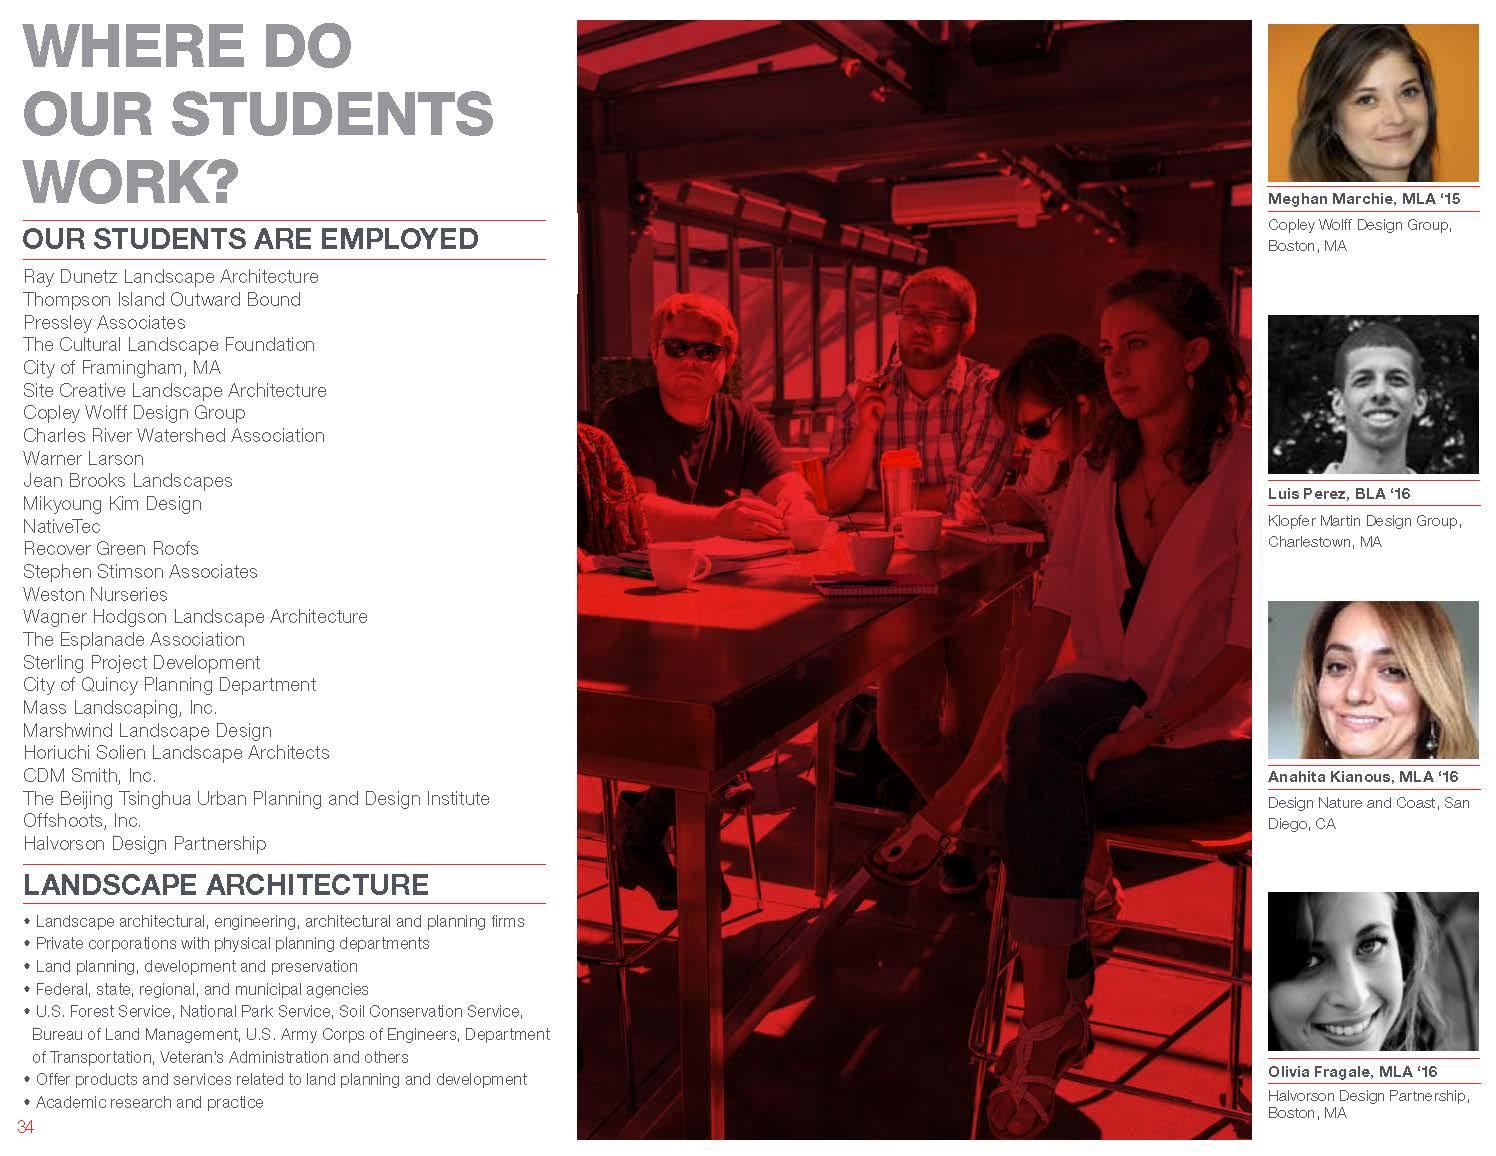 LA Viewbook_DIGITAL DISPLAY_RED_11202018_Page_36.jpg